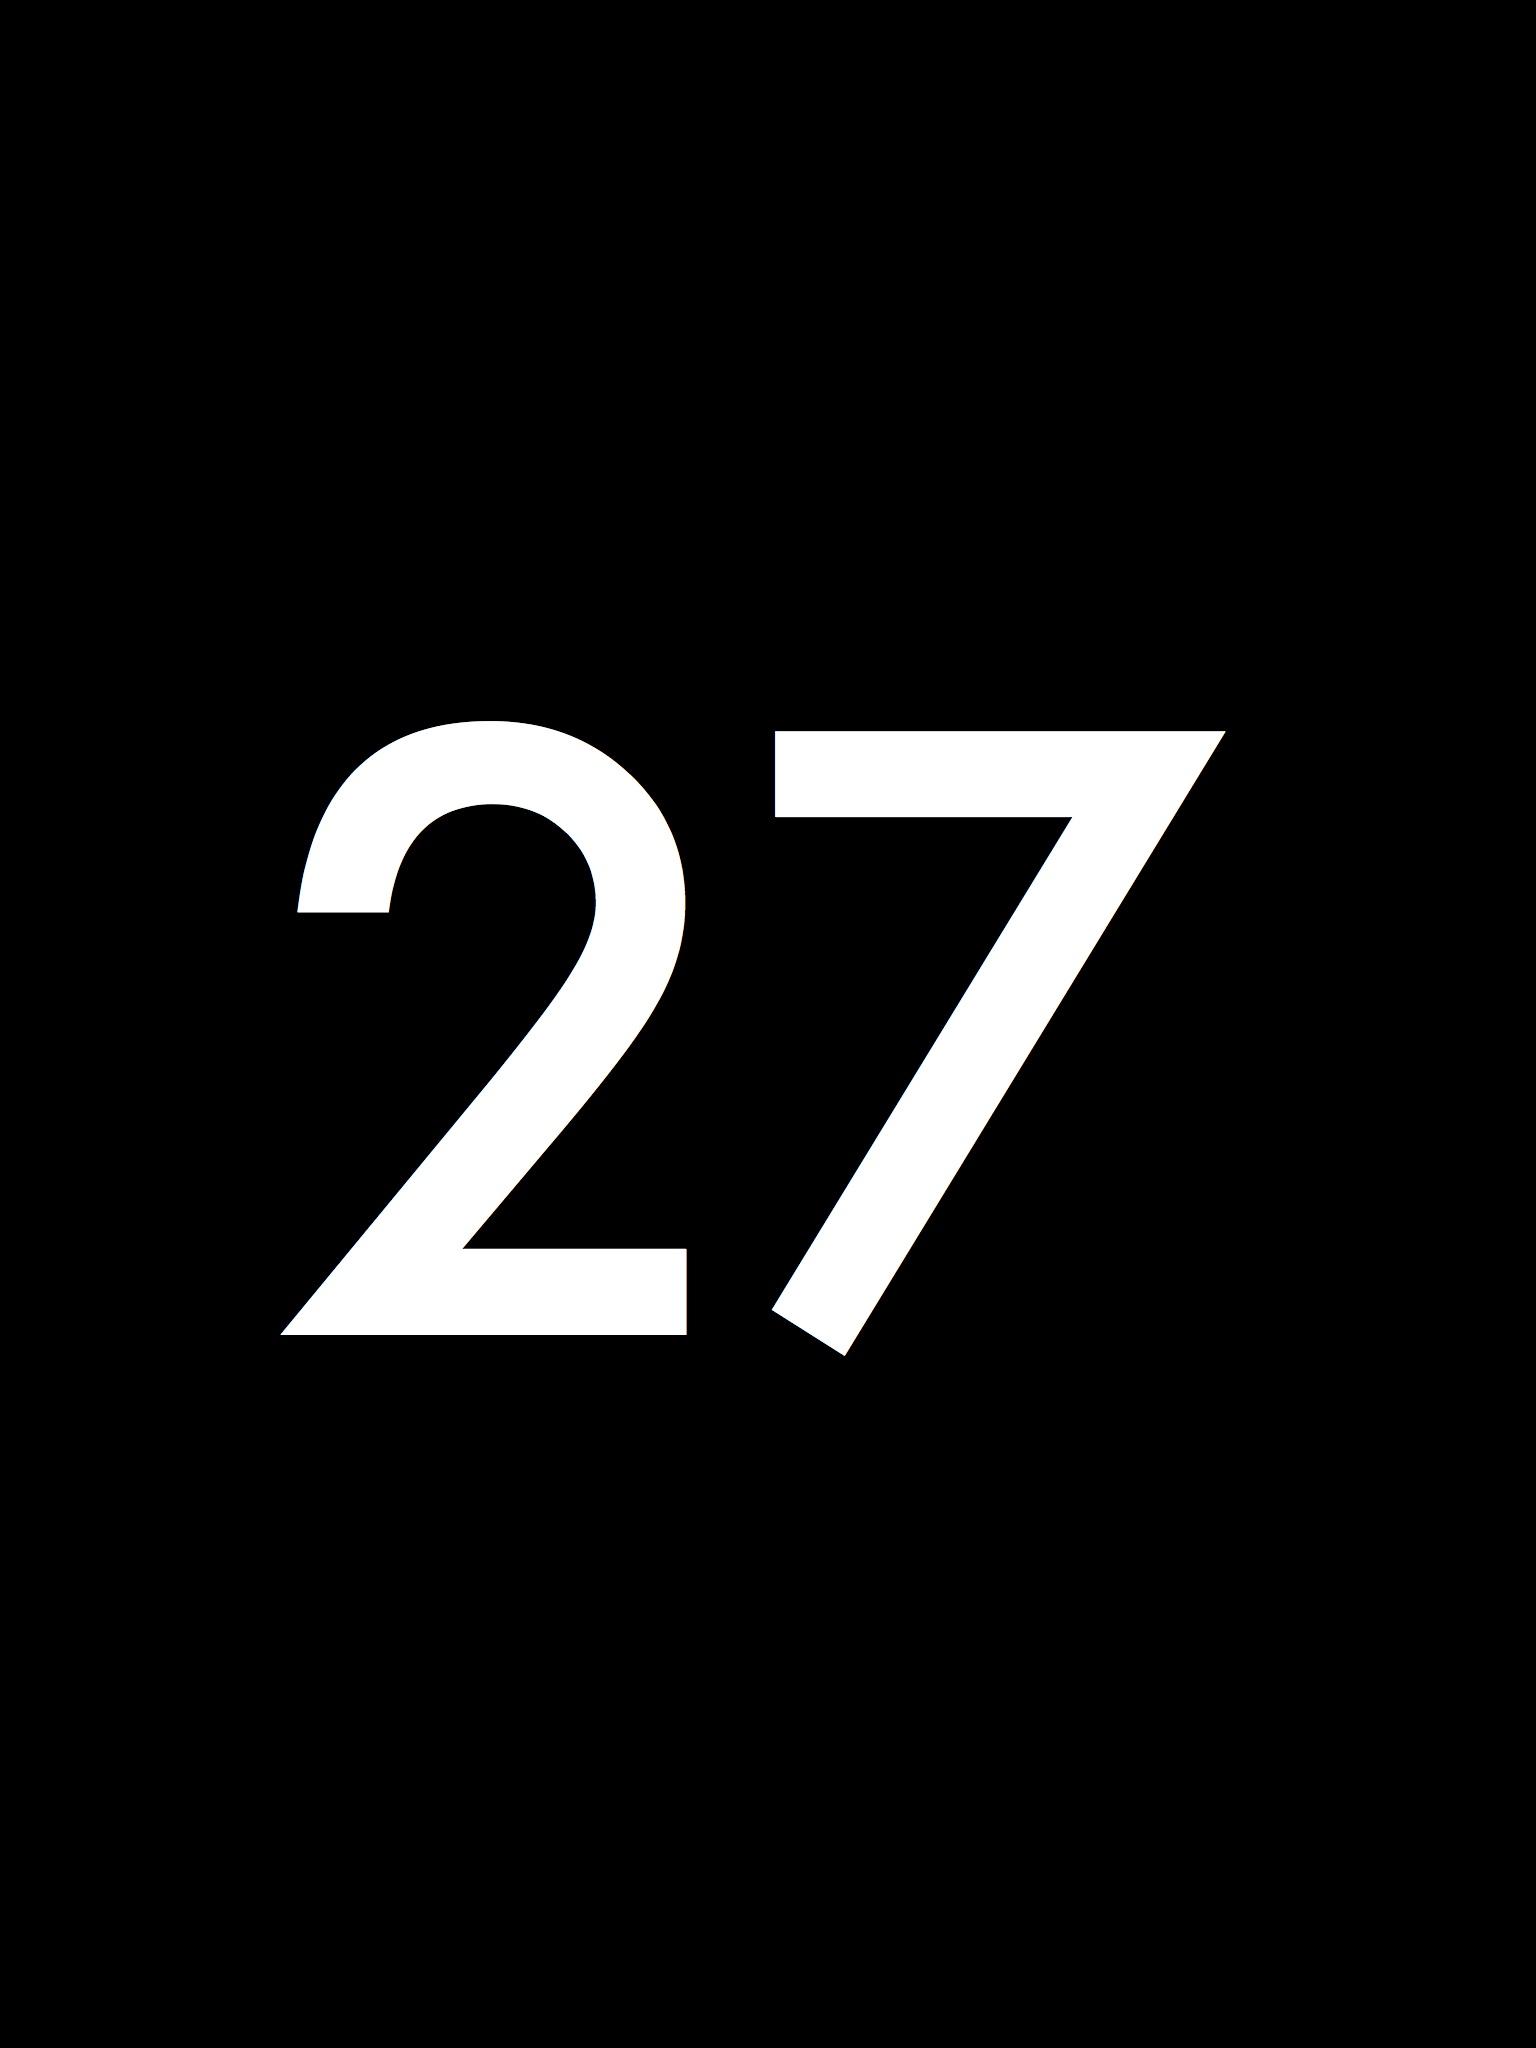 Black_Number.027.jpg